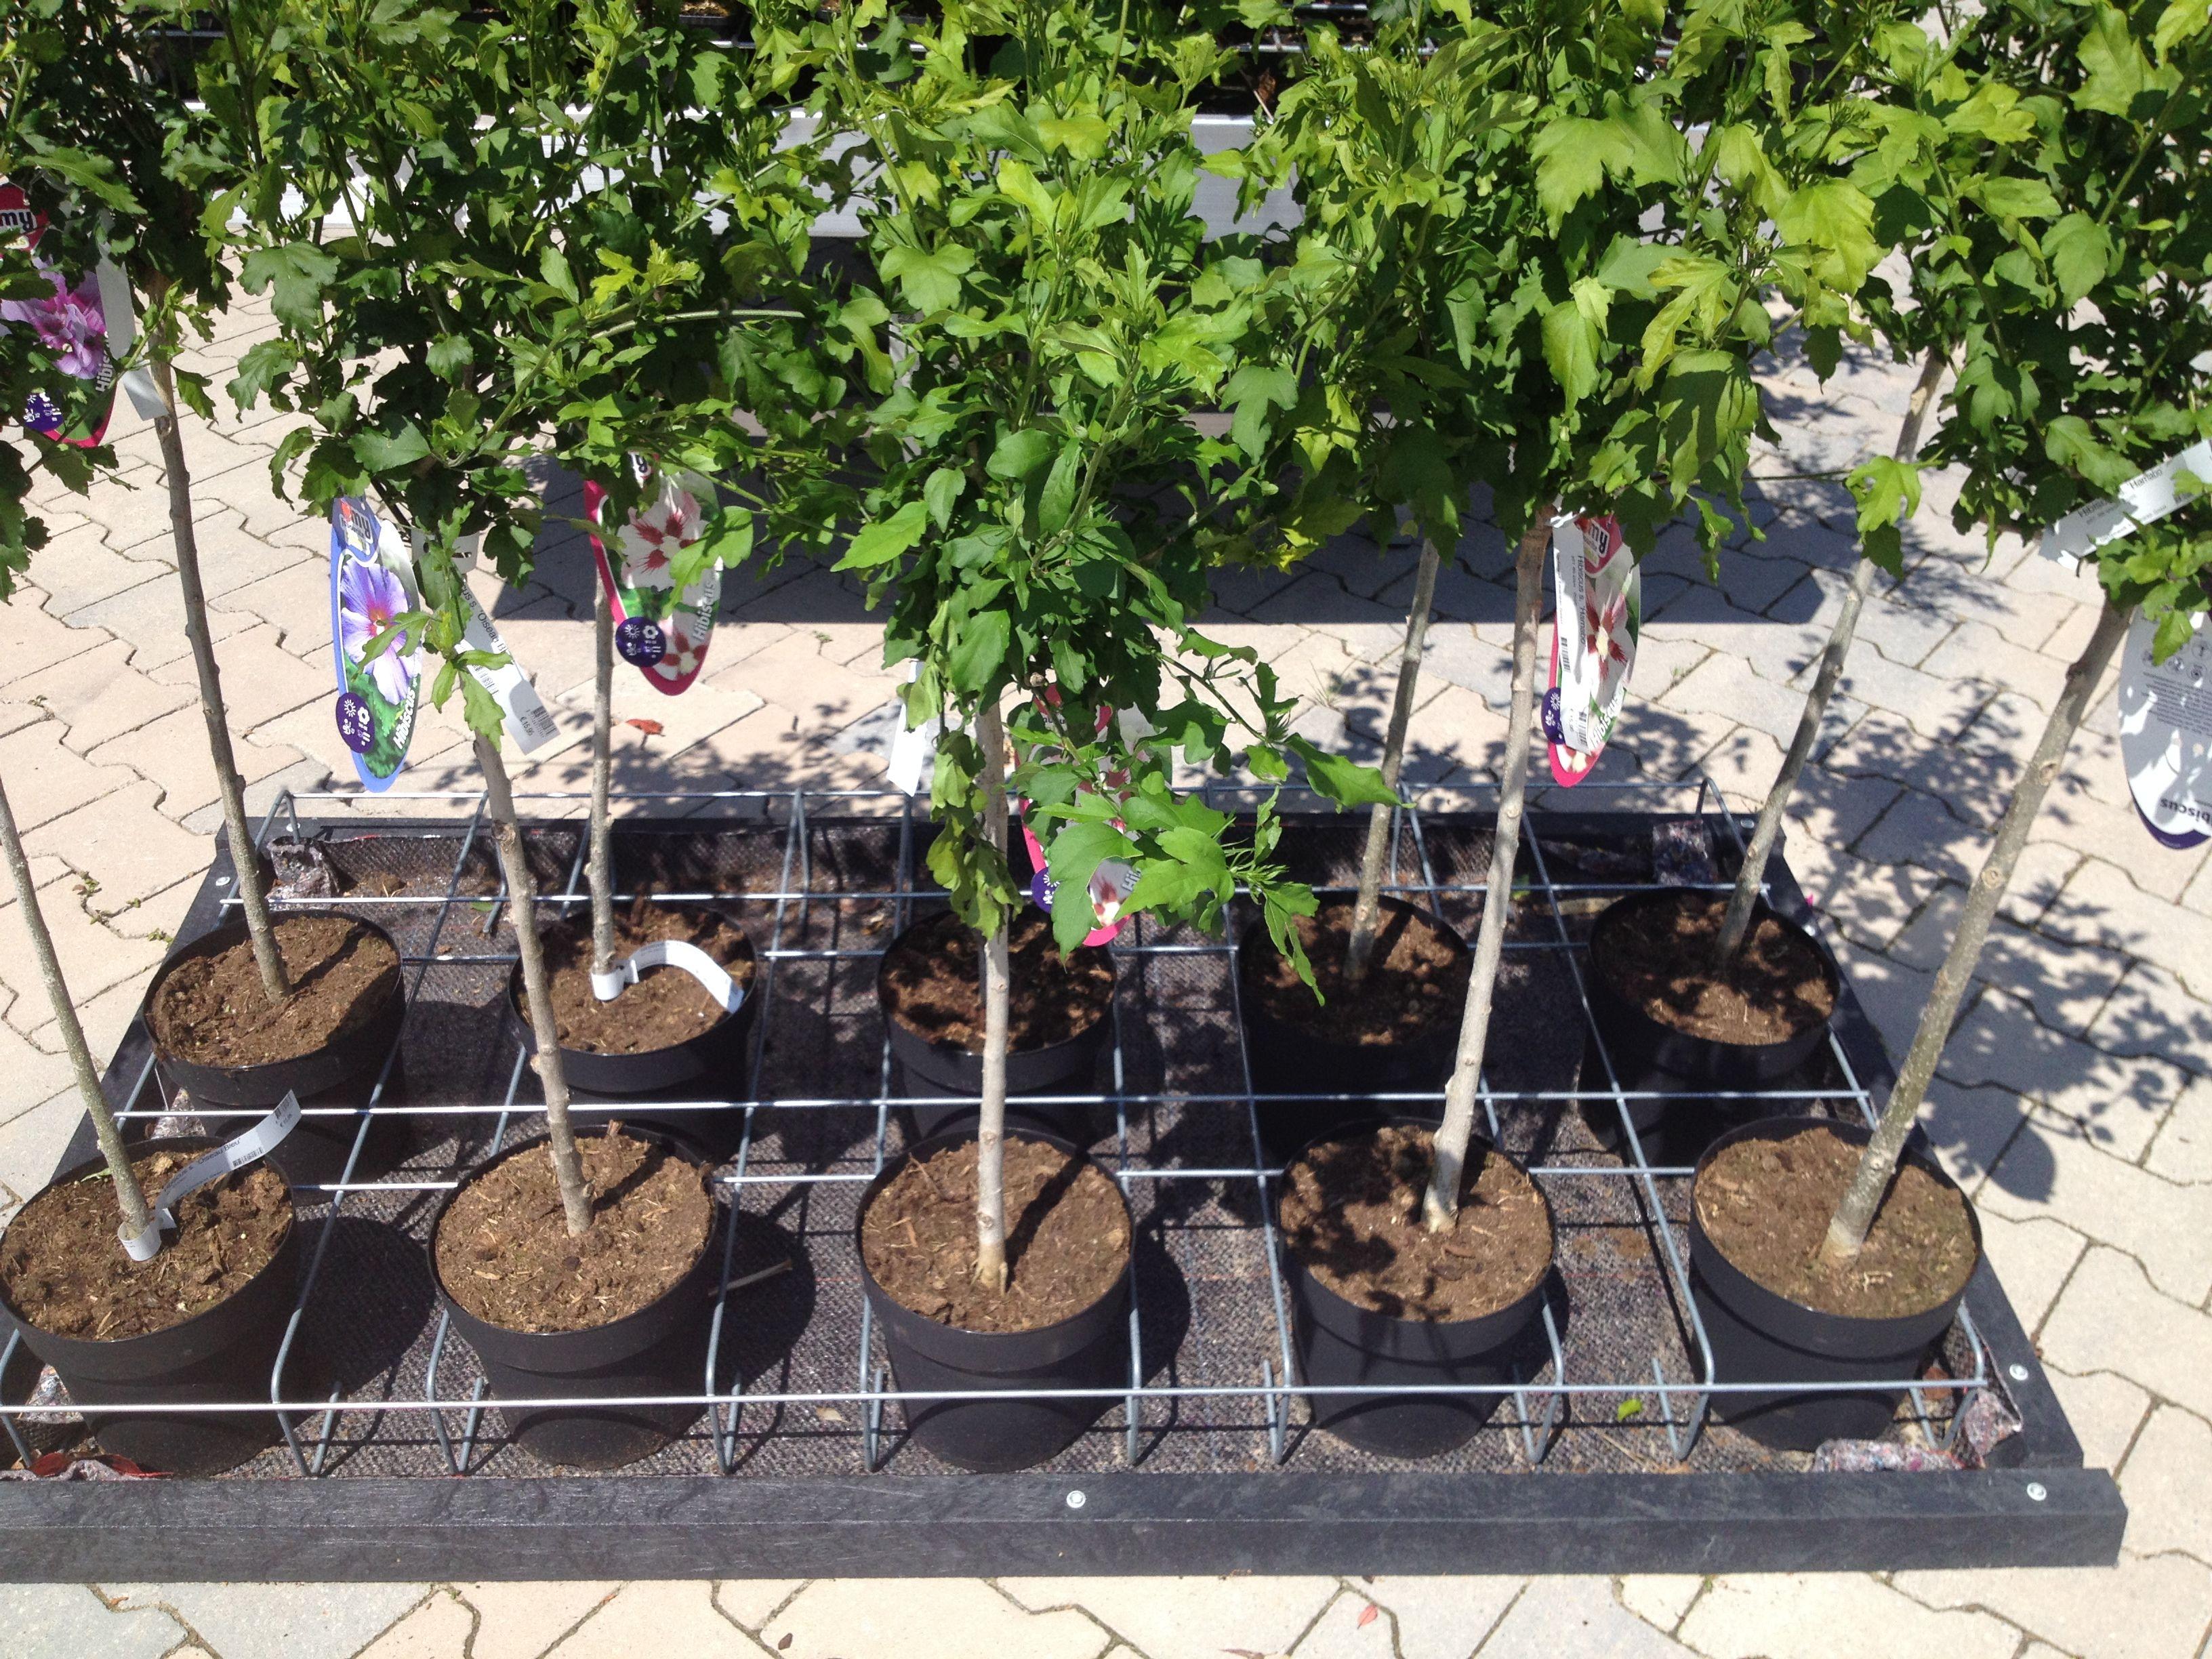 Planten En Bomen : Draadrek voor stabiel presenteren van planten en bomen: v feetrack